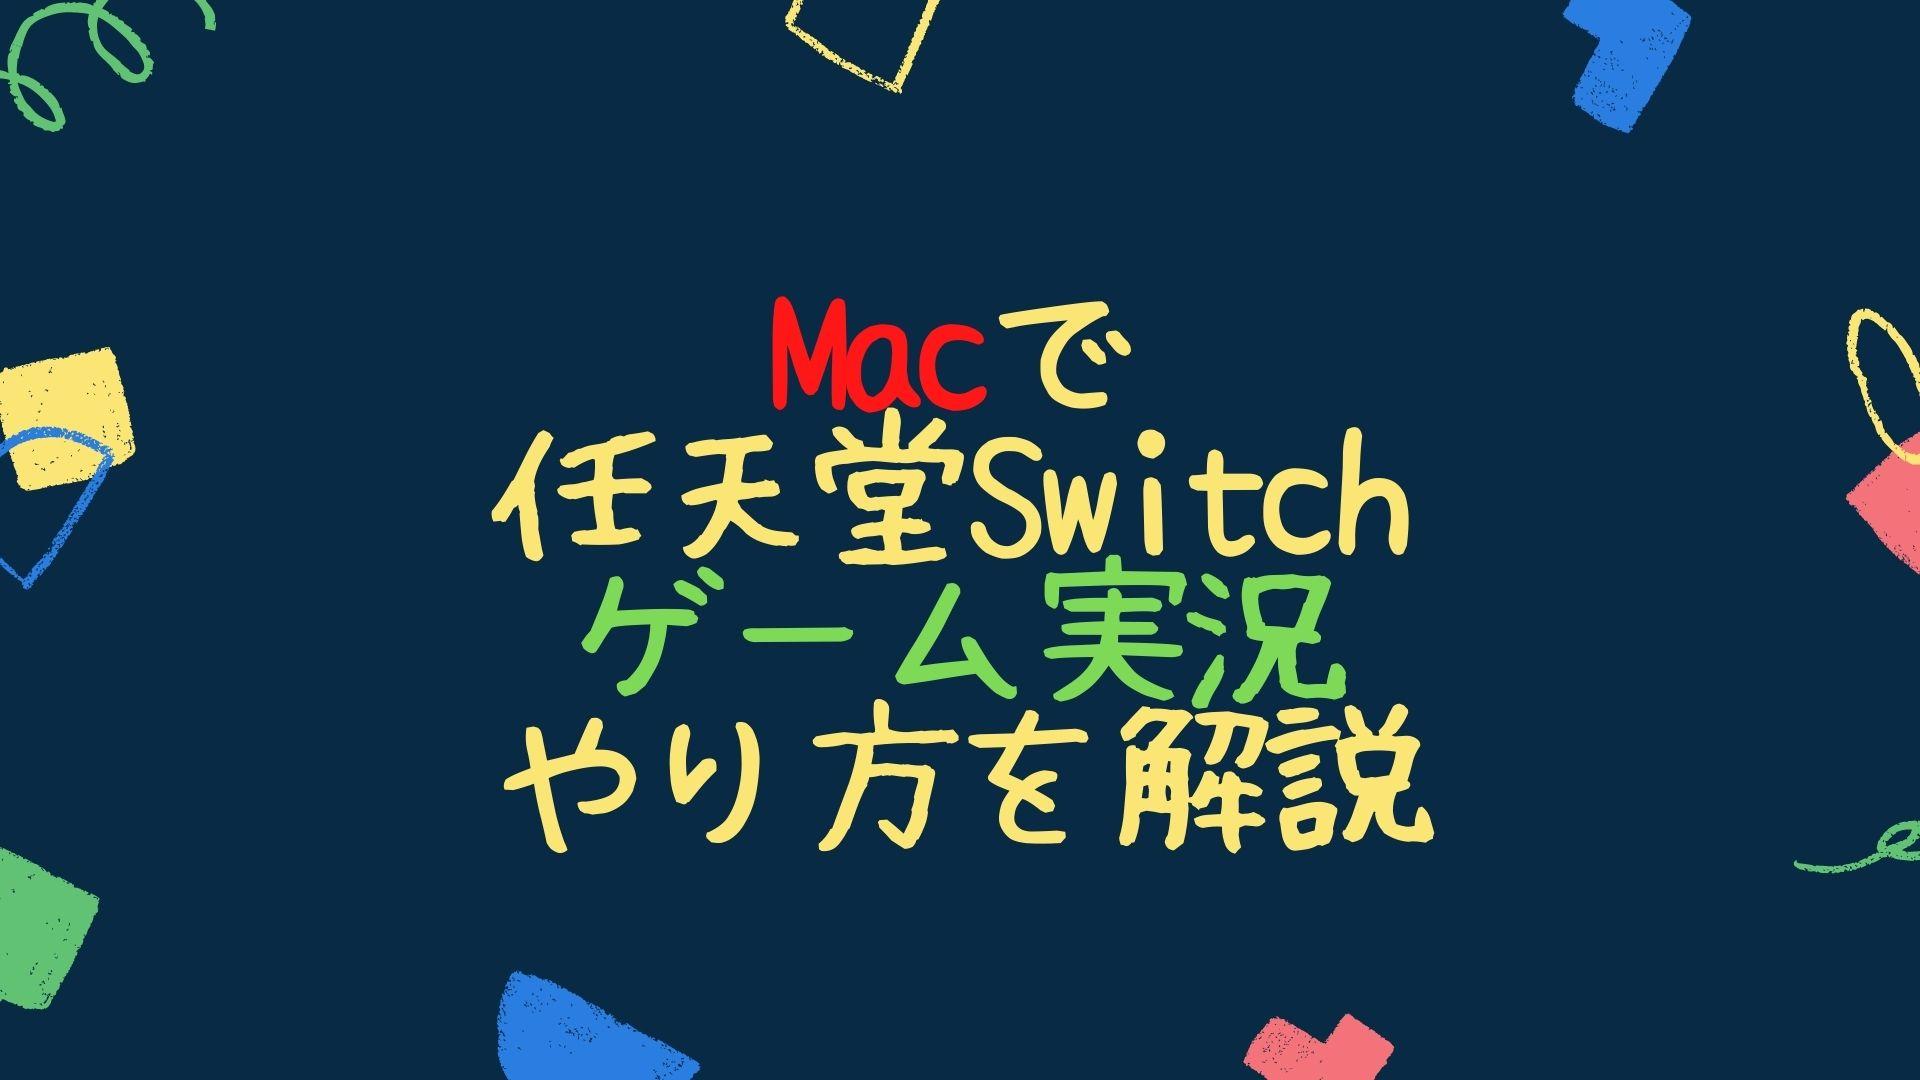 Mac実況者がMacで任天堂Switchのゲーム実況のやり方を解説